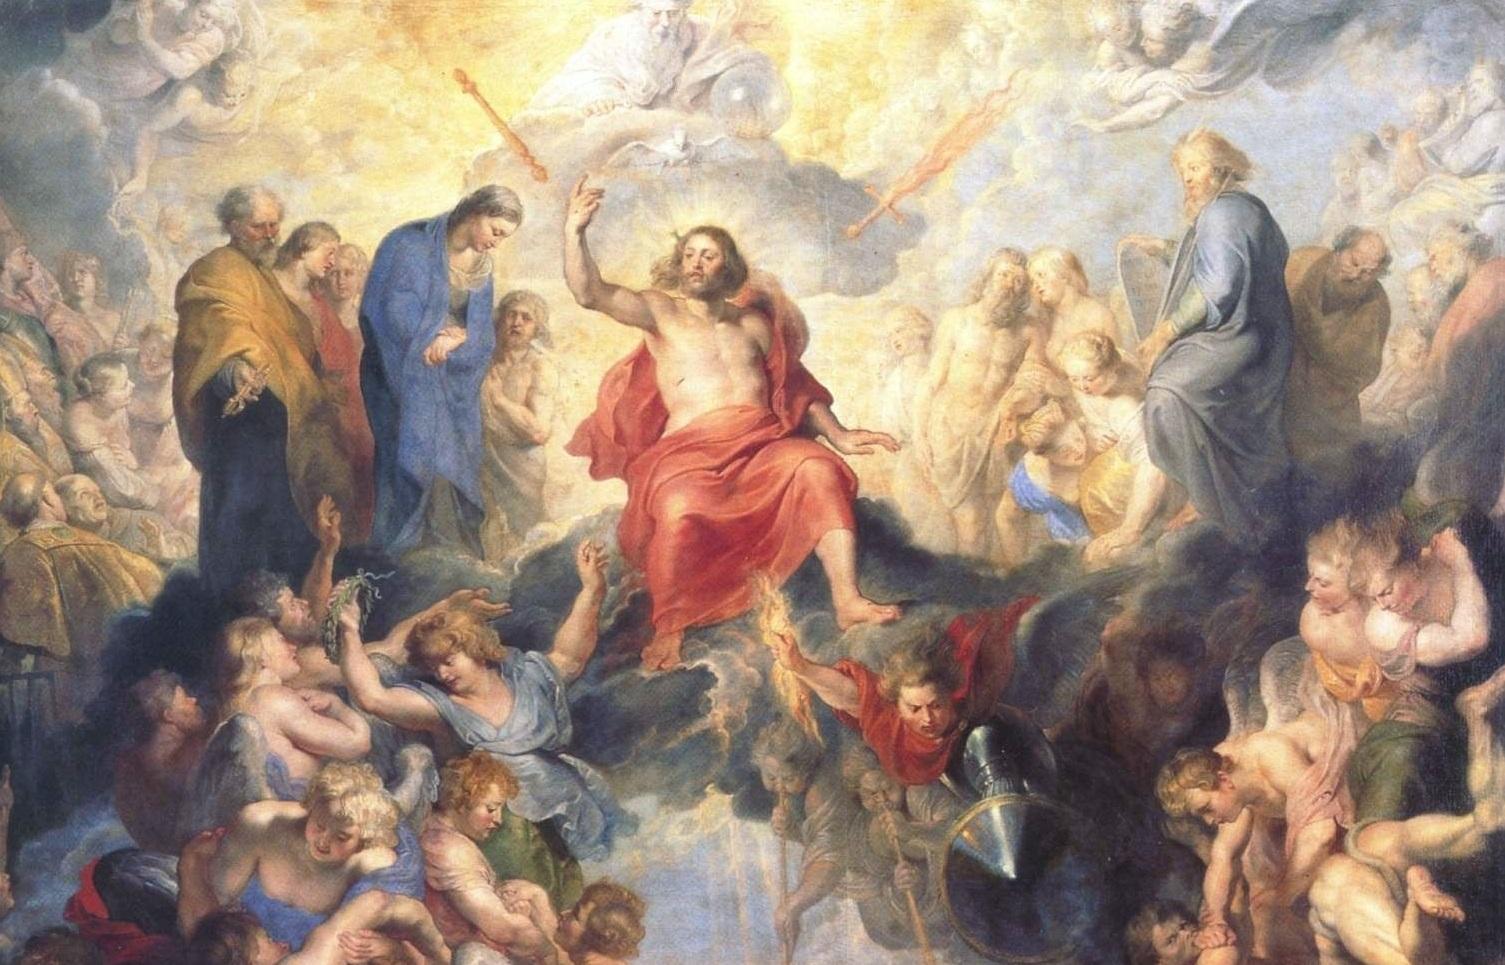 Ausschnitt aus: Peter Paul Rubens, Das Große Jüngste Gericht, 1617